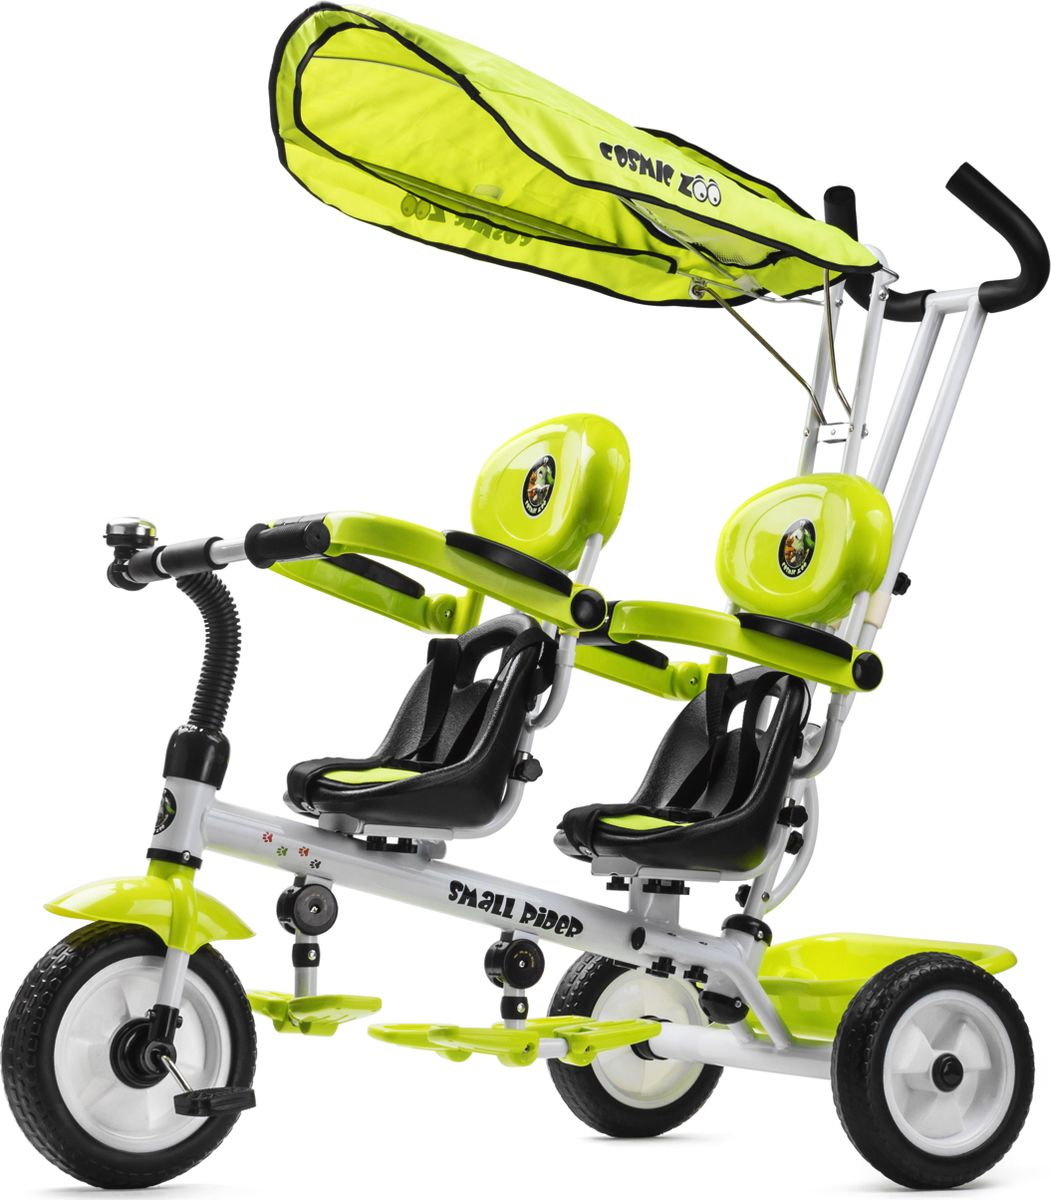 Small Rider Велосипед трехколесный для двоих детей Cosmic Zoo Twins цвет лайм -  Велосипеды-каталки